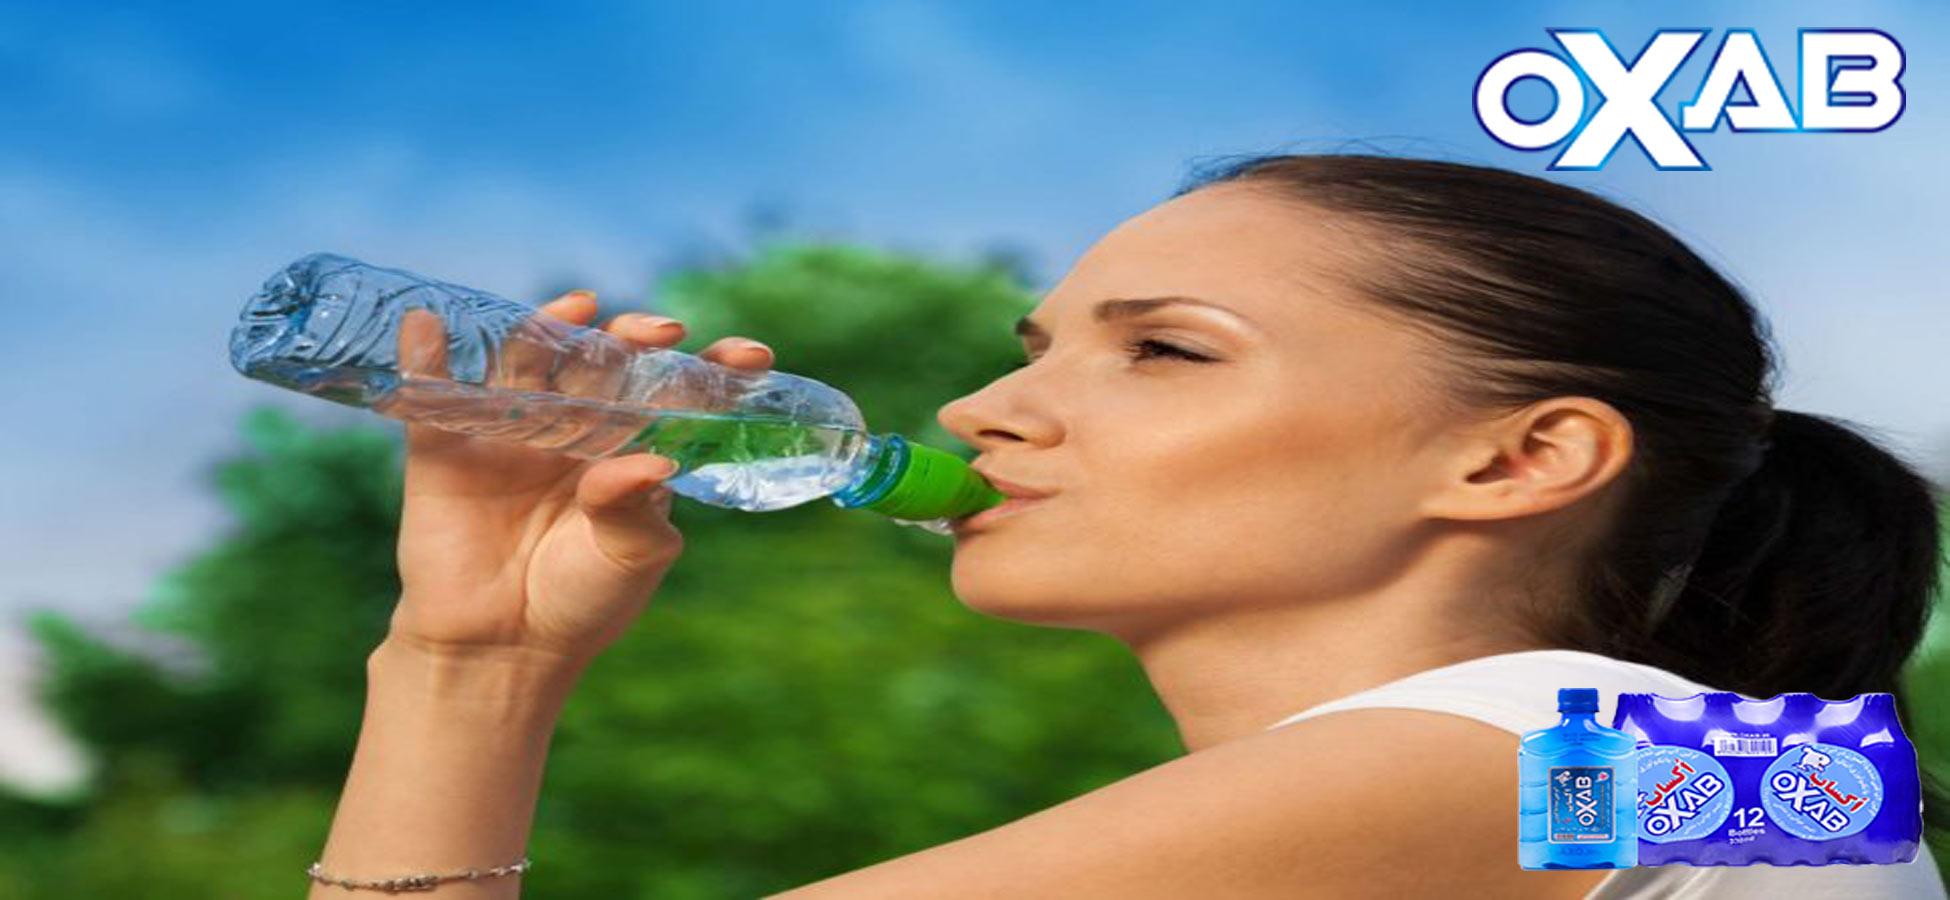 خرید آب اشامیدنی سالم بهترین هدیه برای سلامت خانواده